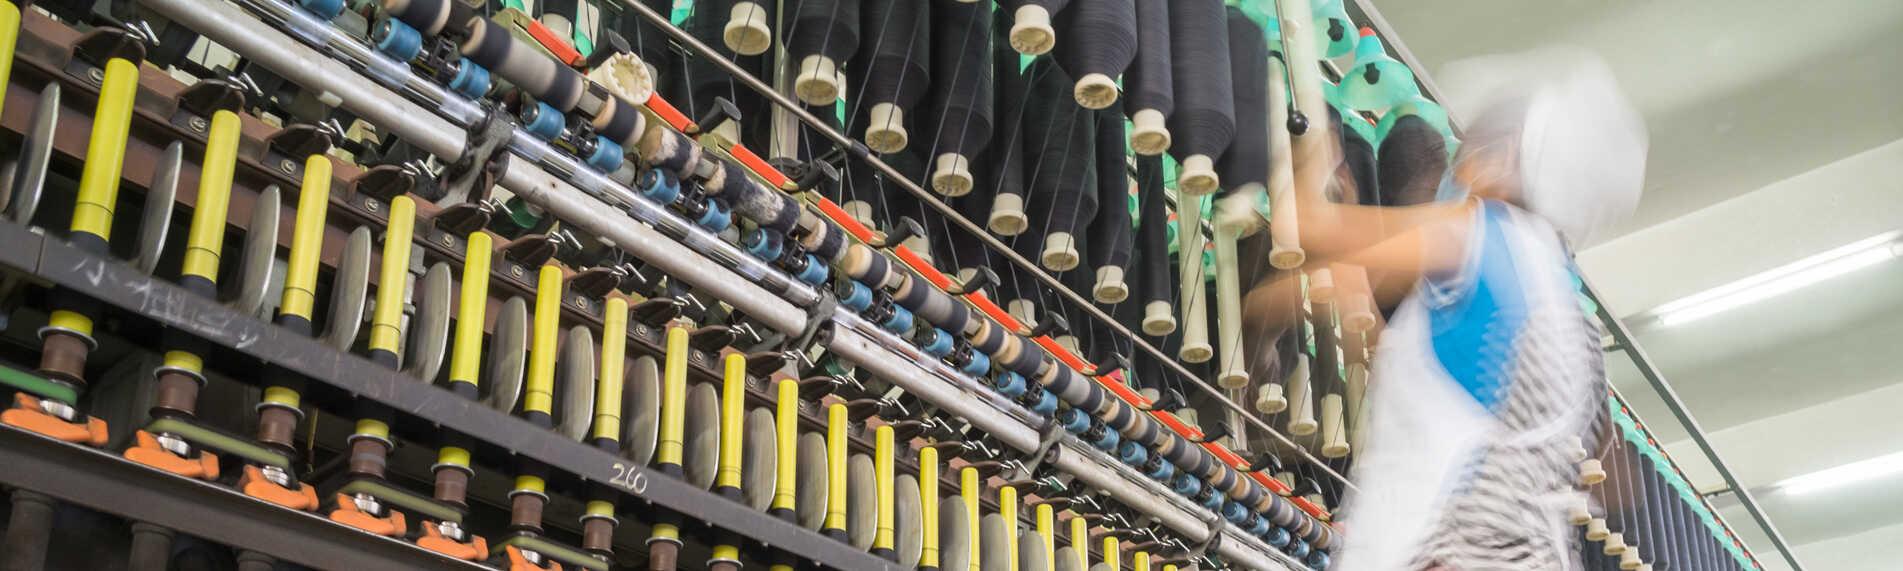 Befuktning och fuktreglering till textilproduktion